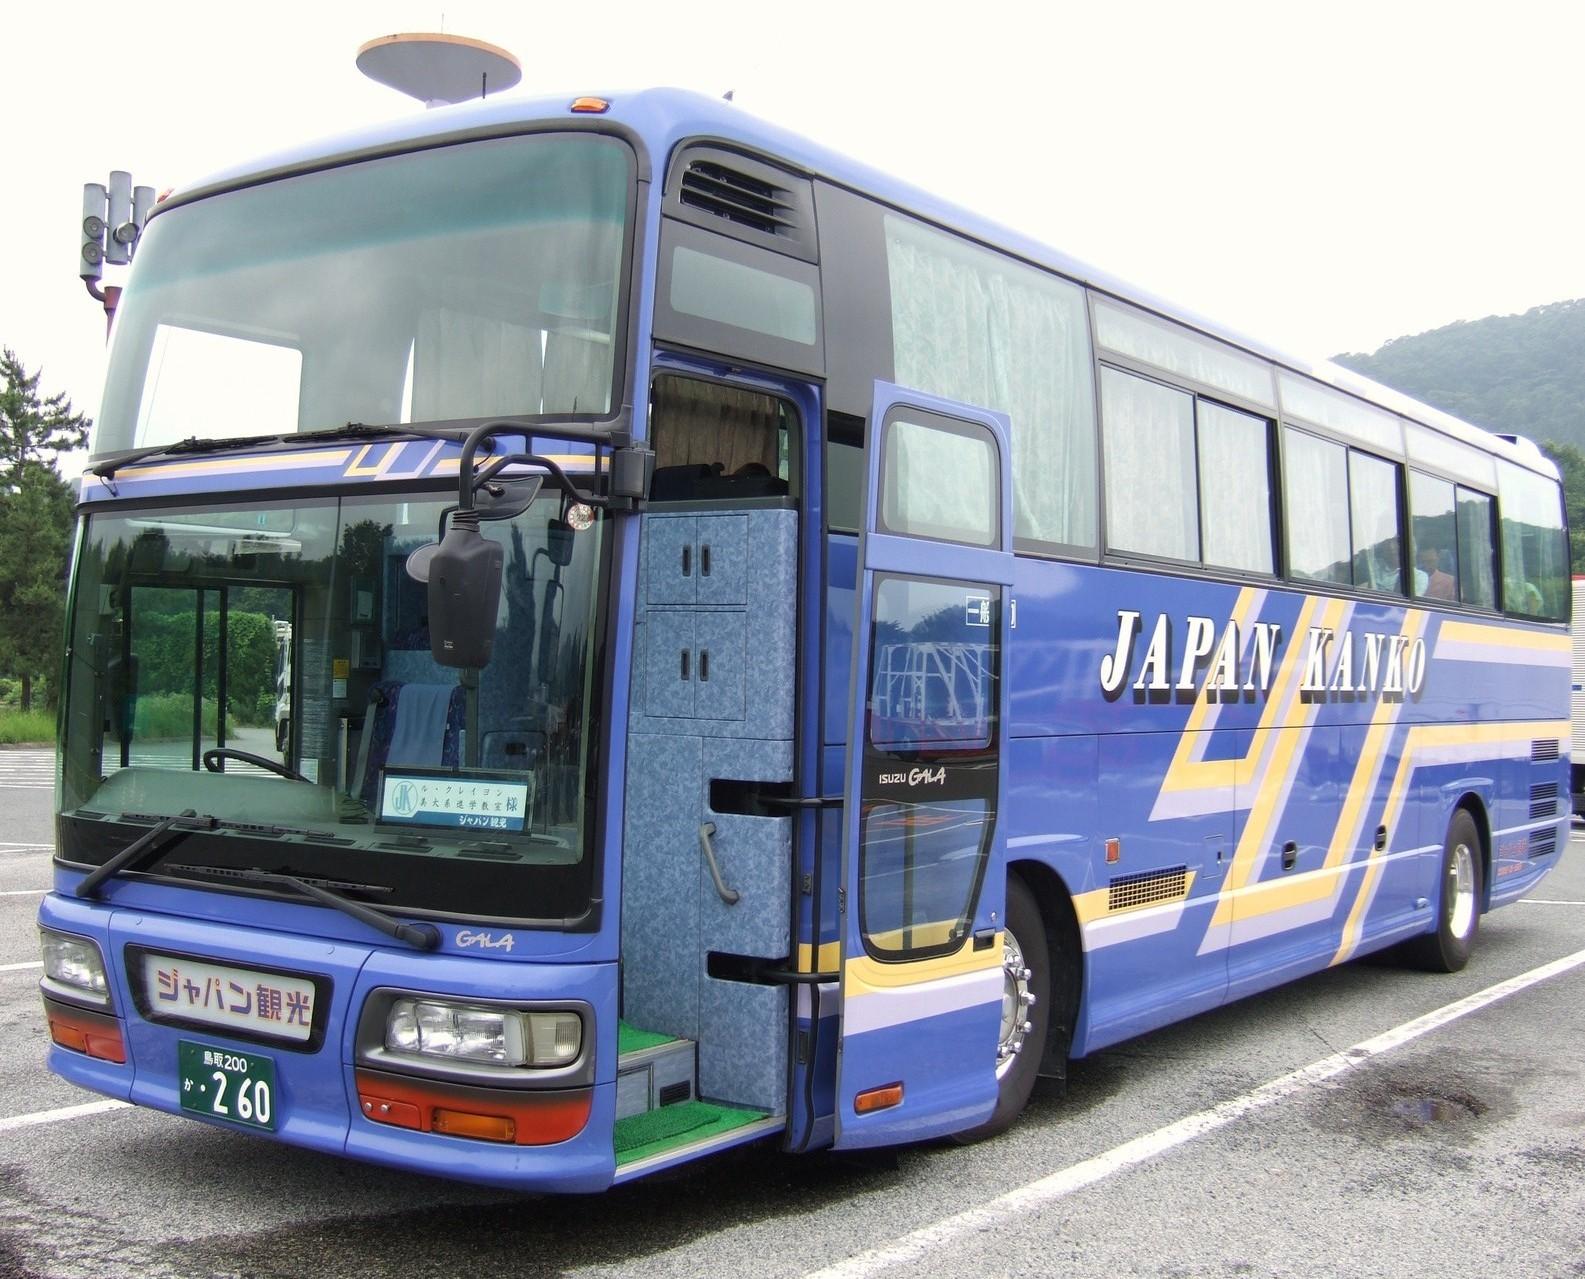 毎年、大型バスで大阪梅田の美大系の進学相談会へ参加〈交通費無料〉